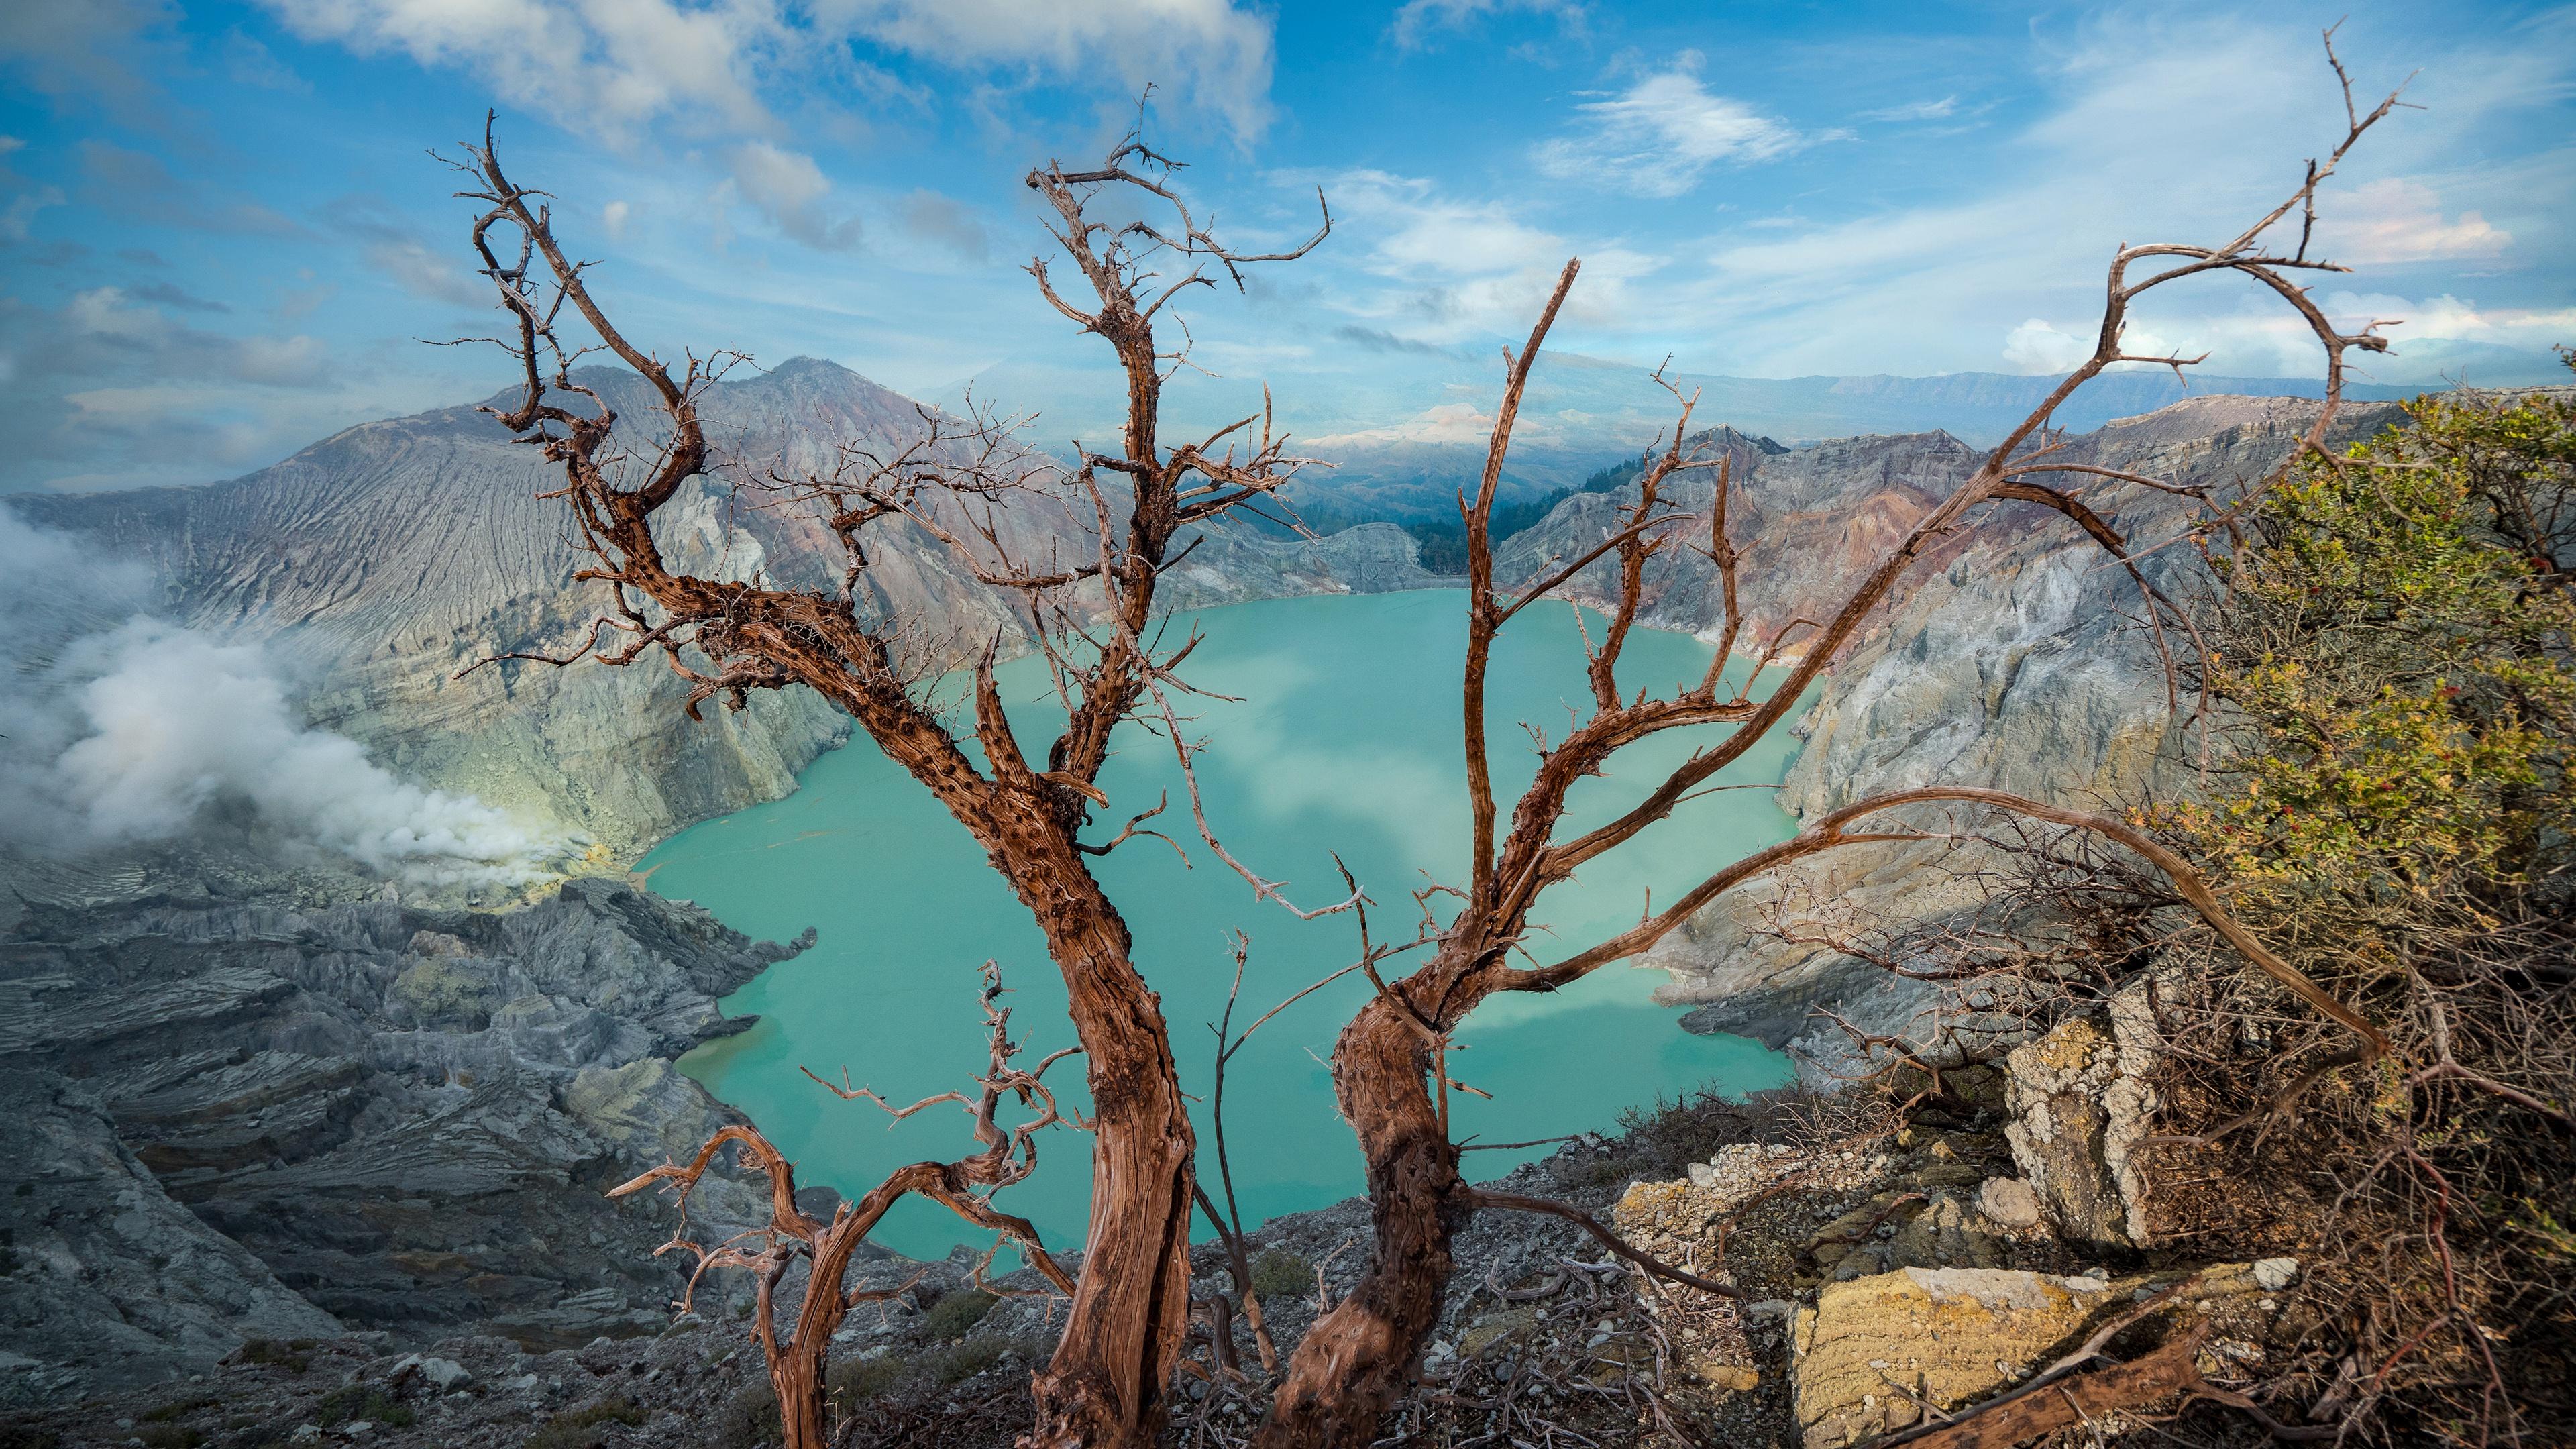 Lago ácido en el cráter de Ijen, Java